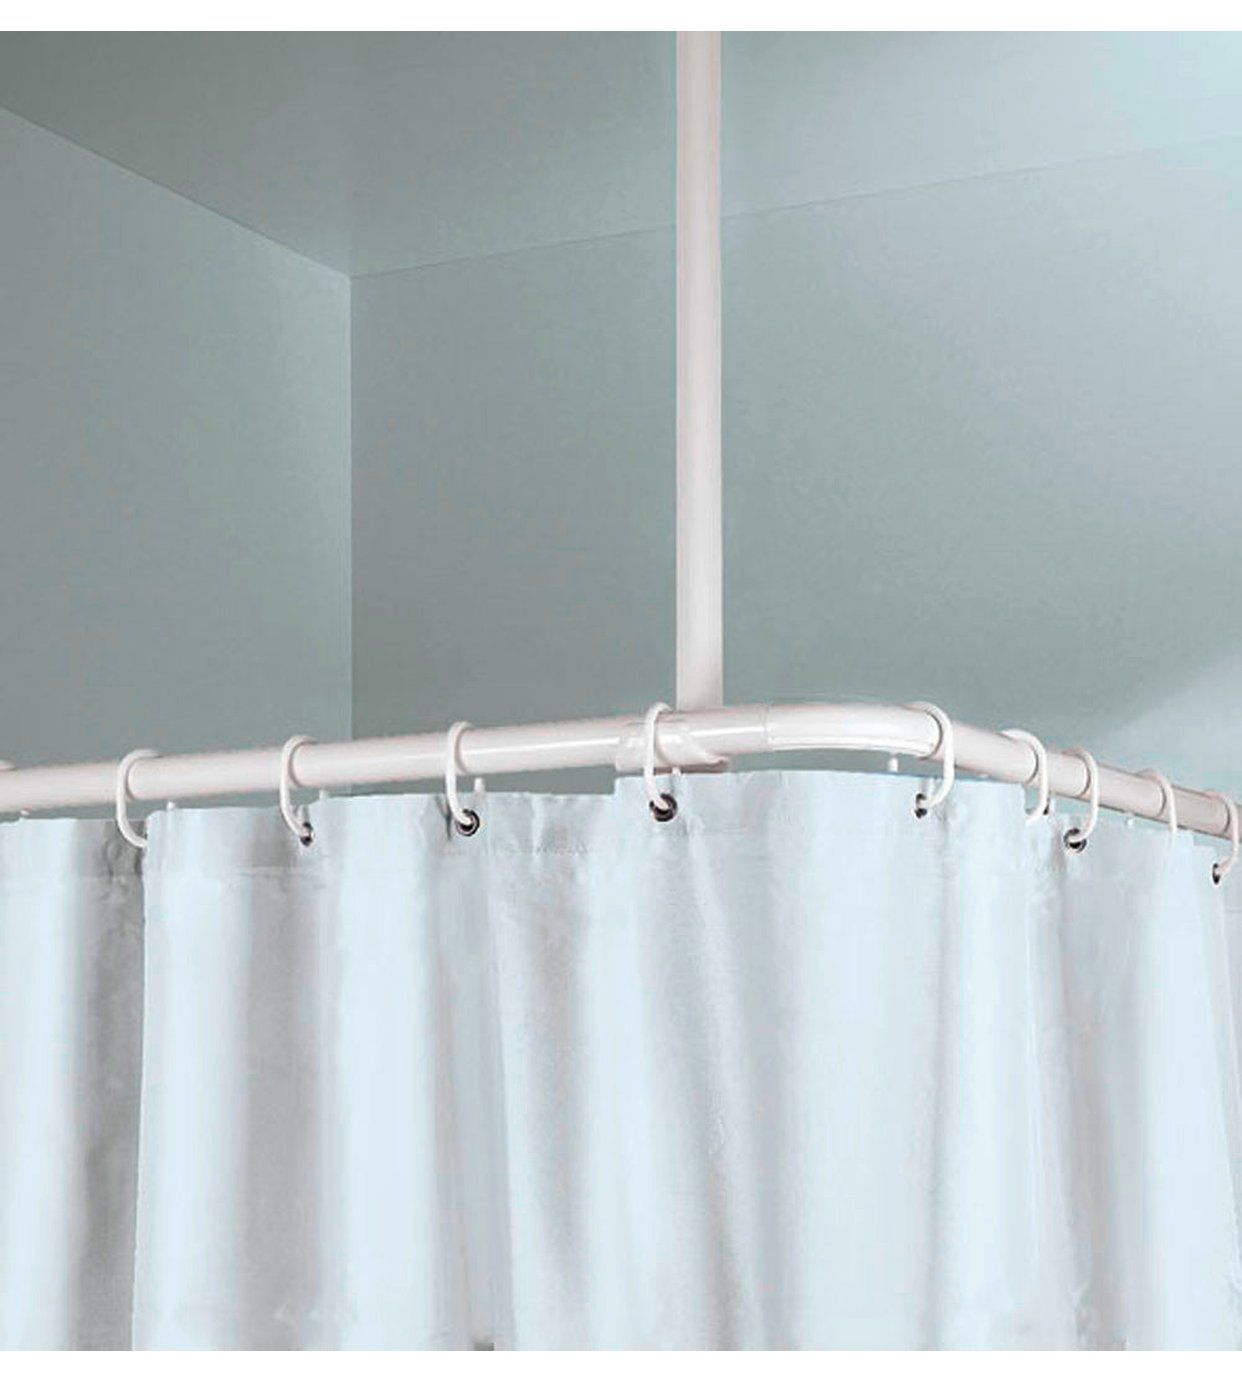 Obi Stange Deckenhalter 60 Cm Lange 25 Mm Weiss Kaufen Bei Obi Duschstangen Halte Durch Dusche